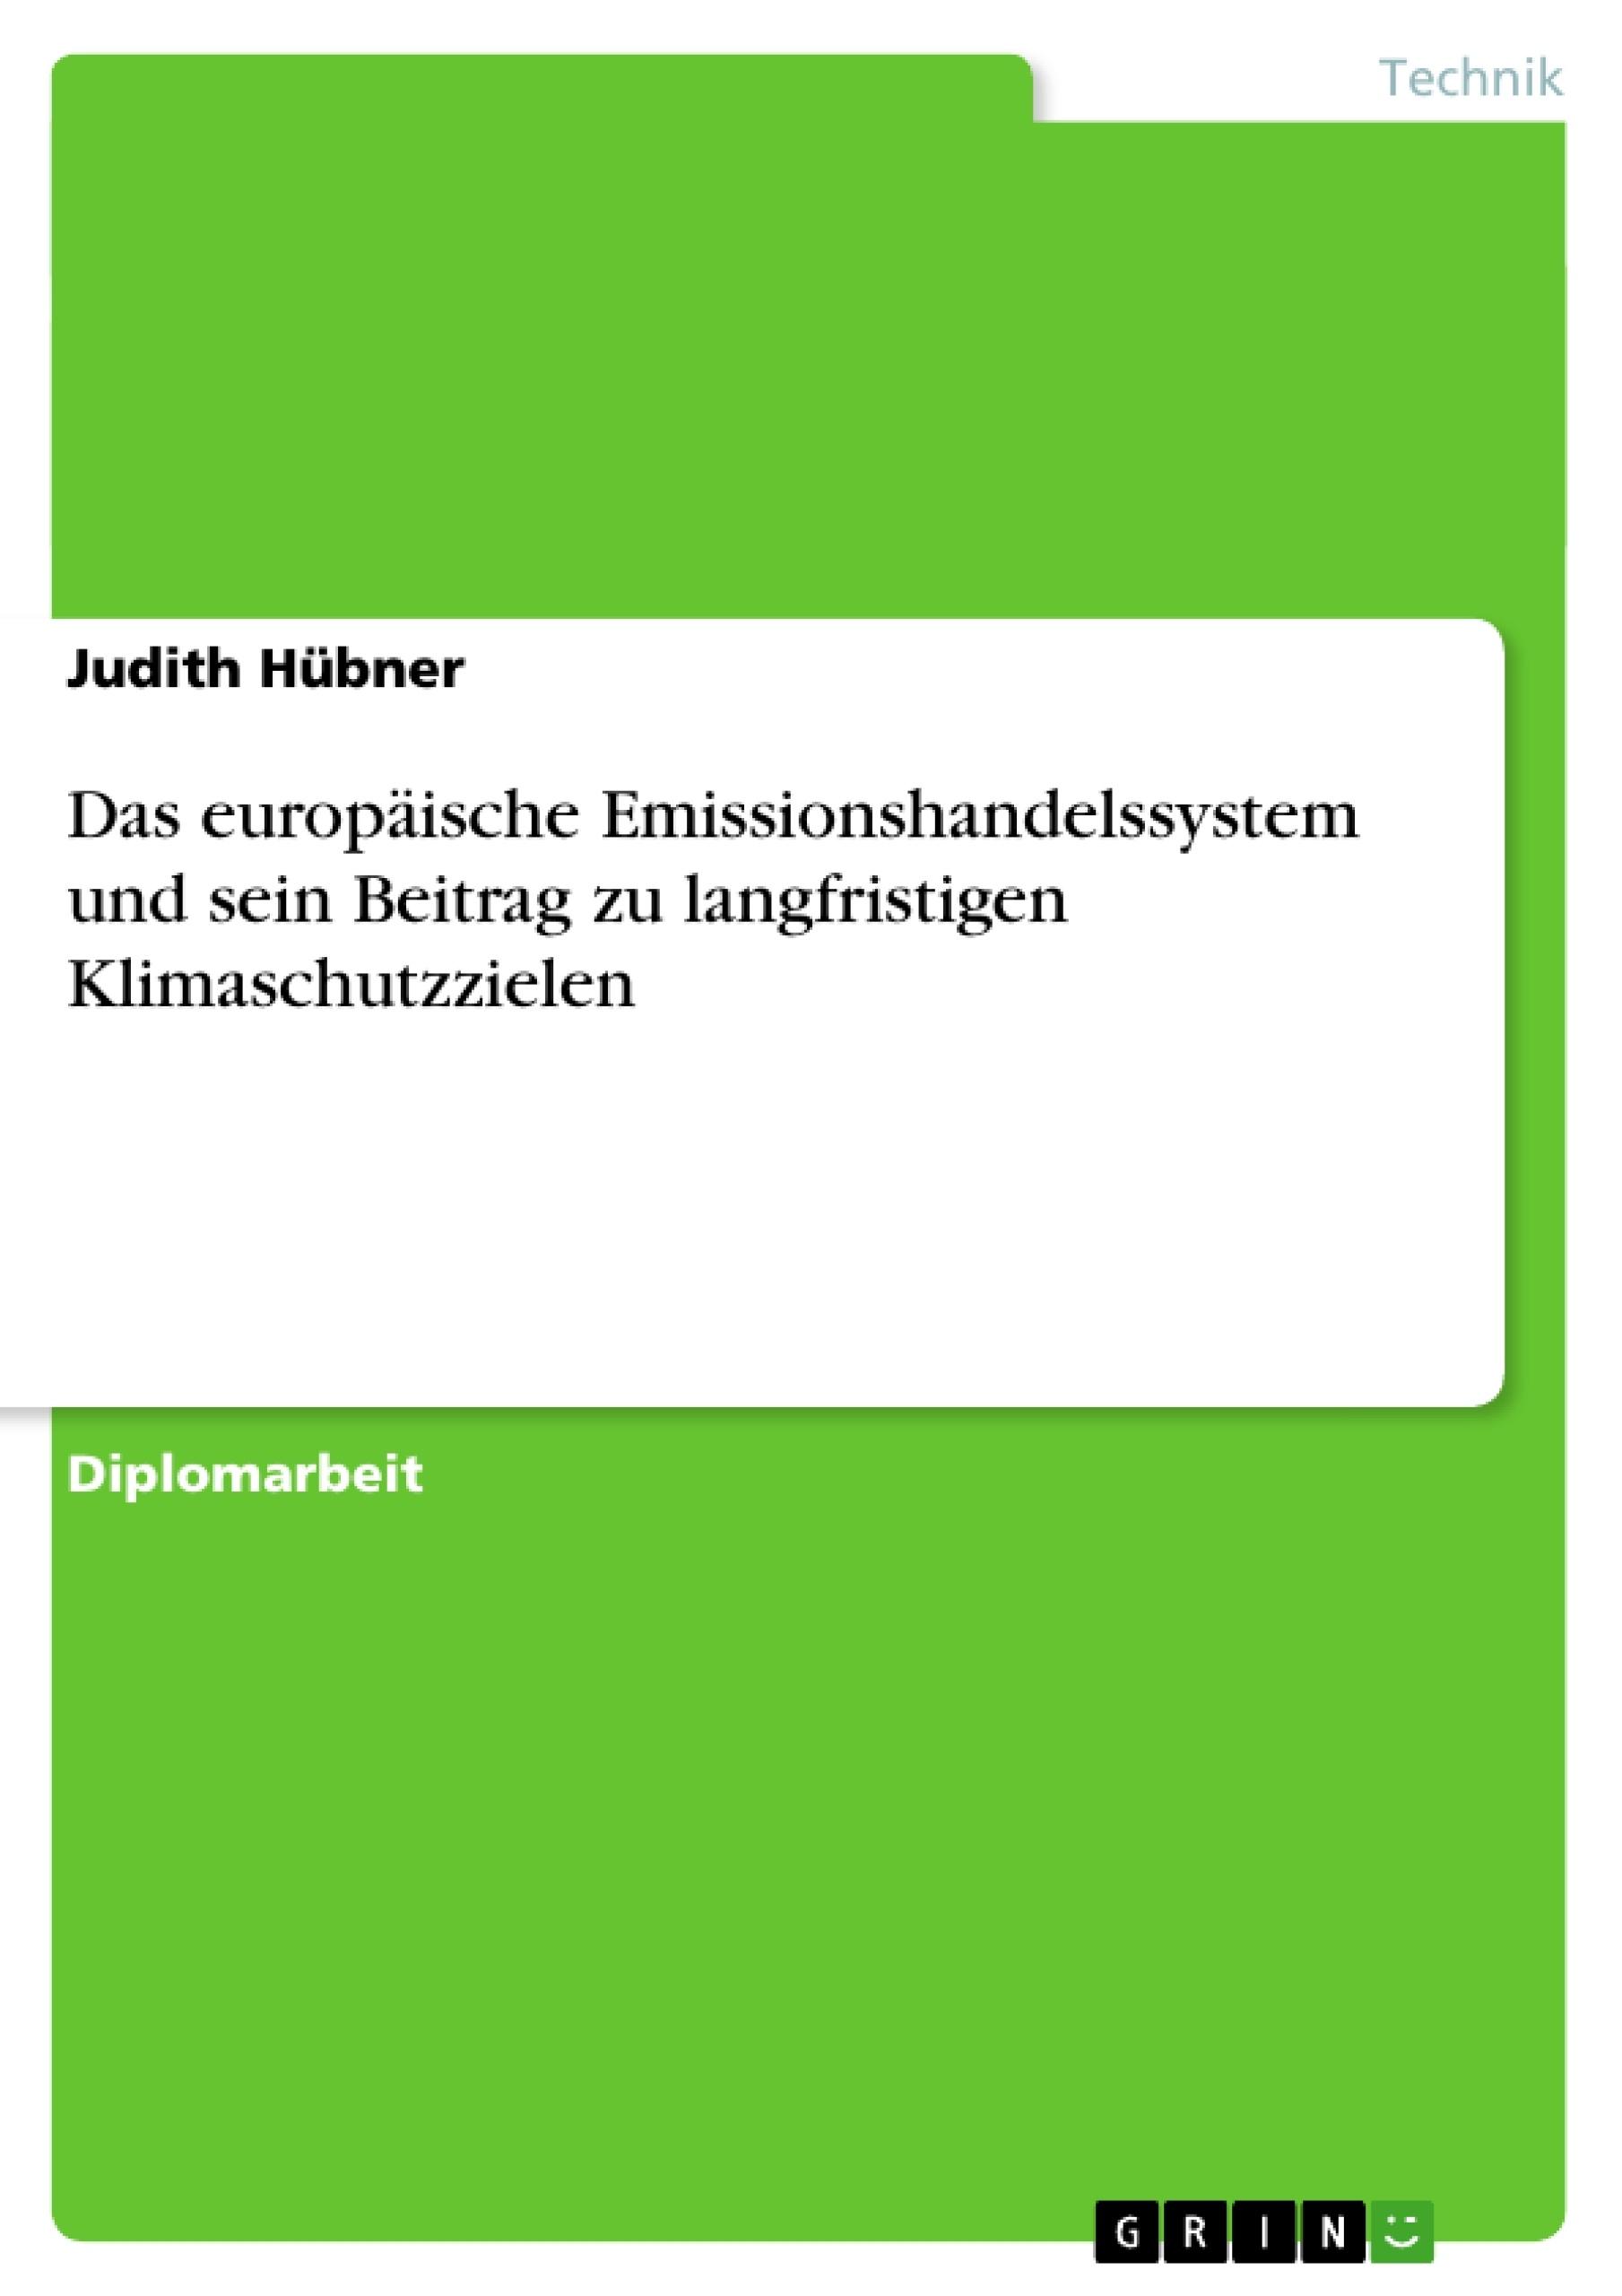 Titel: Das europäische Emissionshandelssystem und sein Beitrag zu langfristigen Klimaschutzzielen